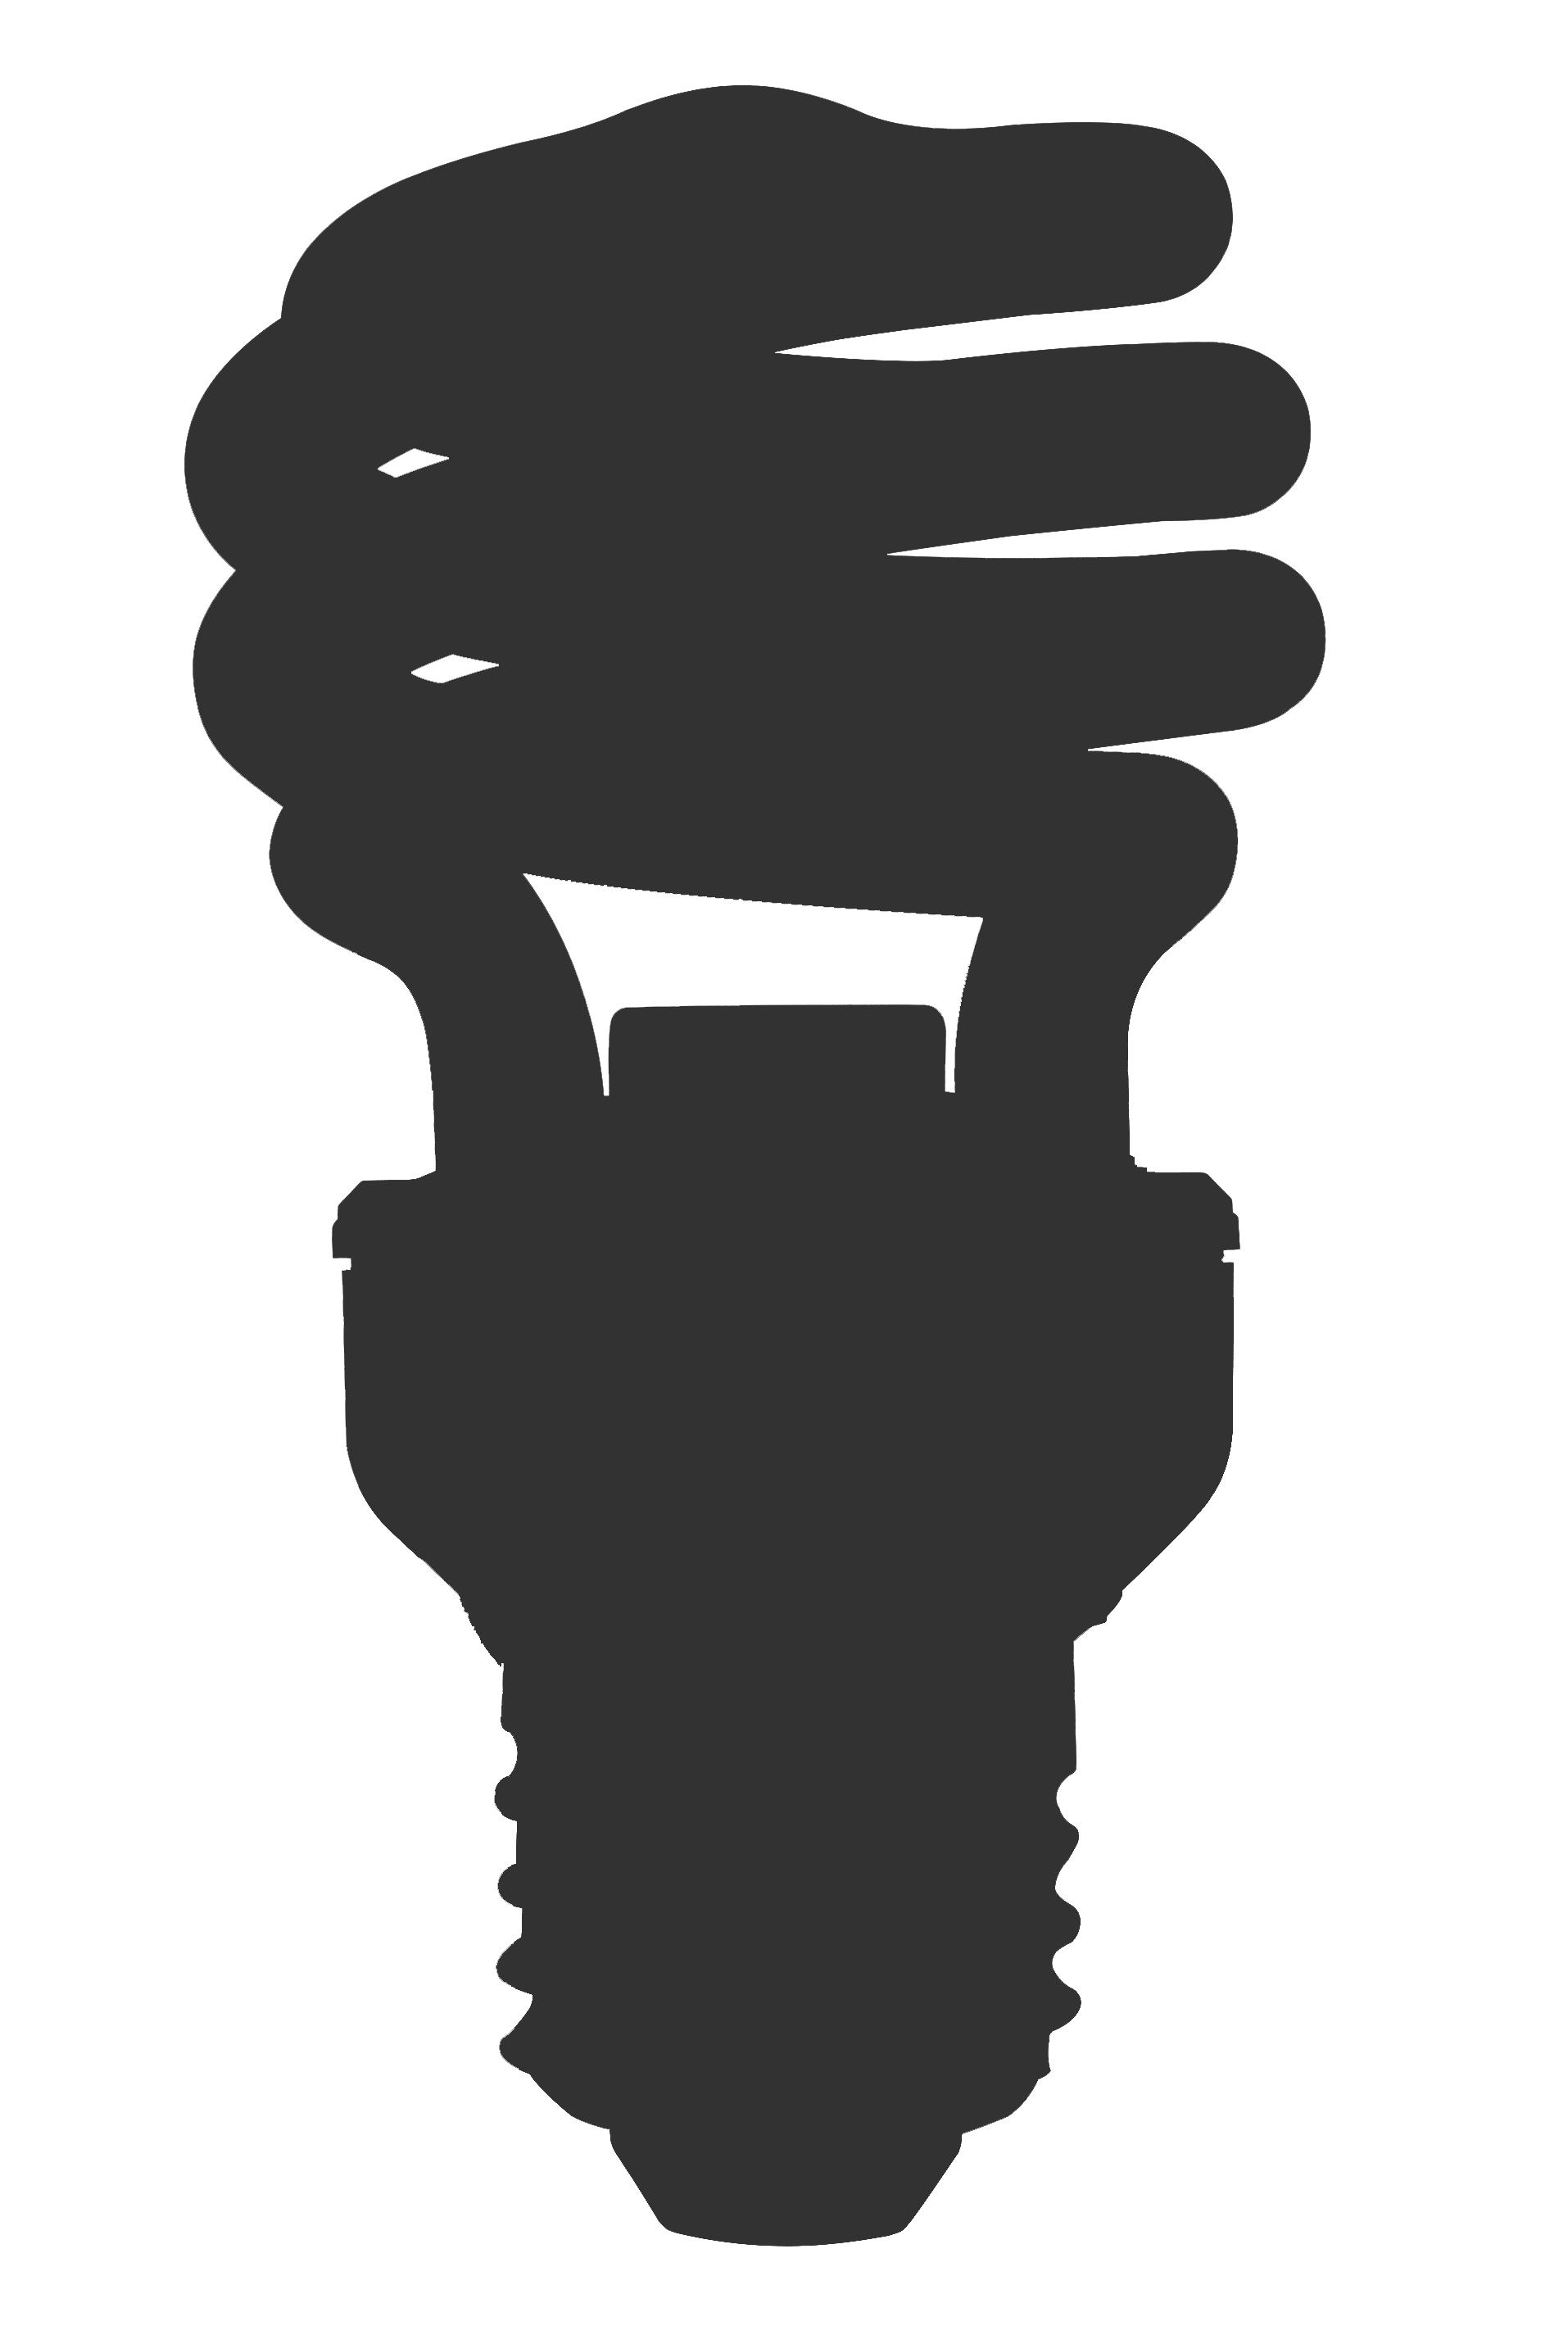 Light bulb png panda. Lightbulb clipart silhouette